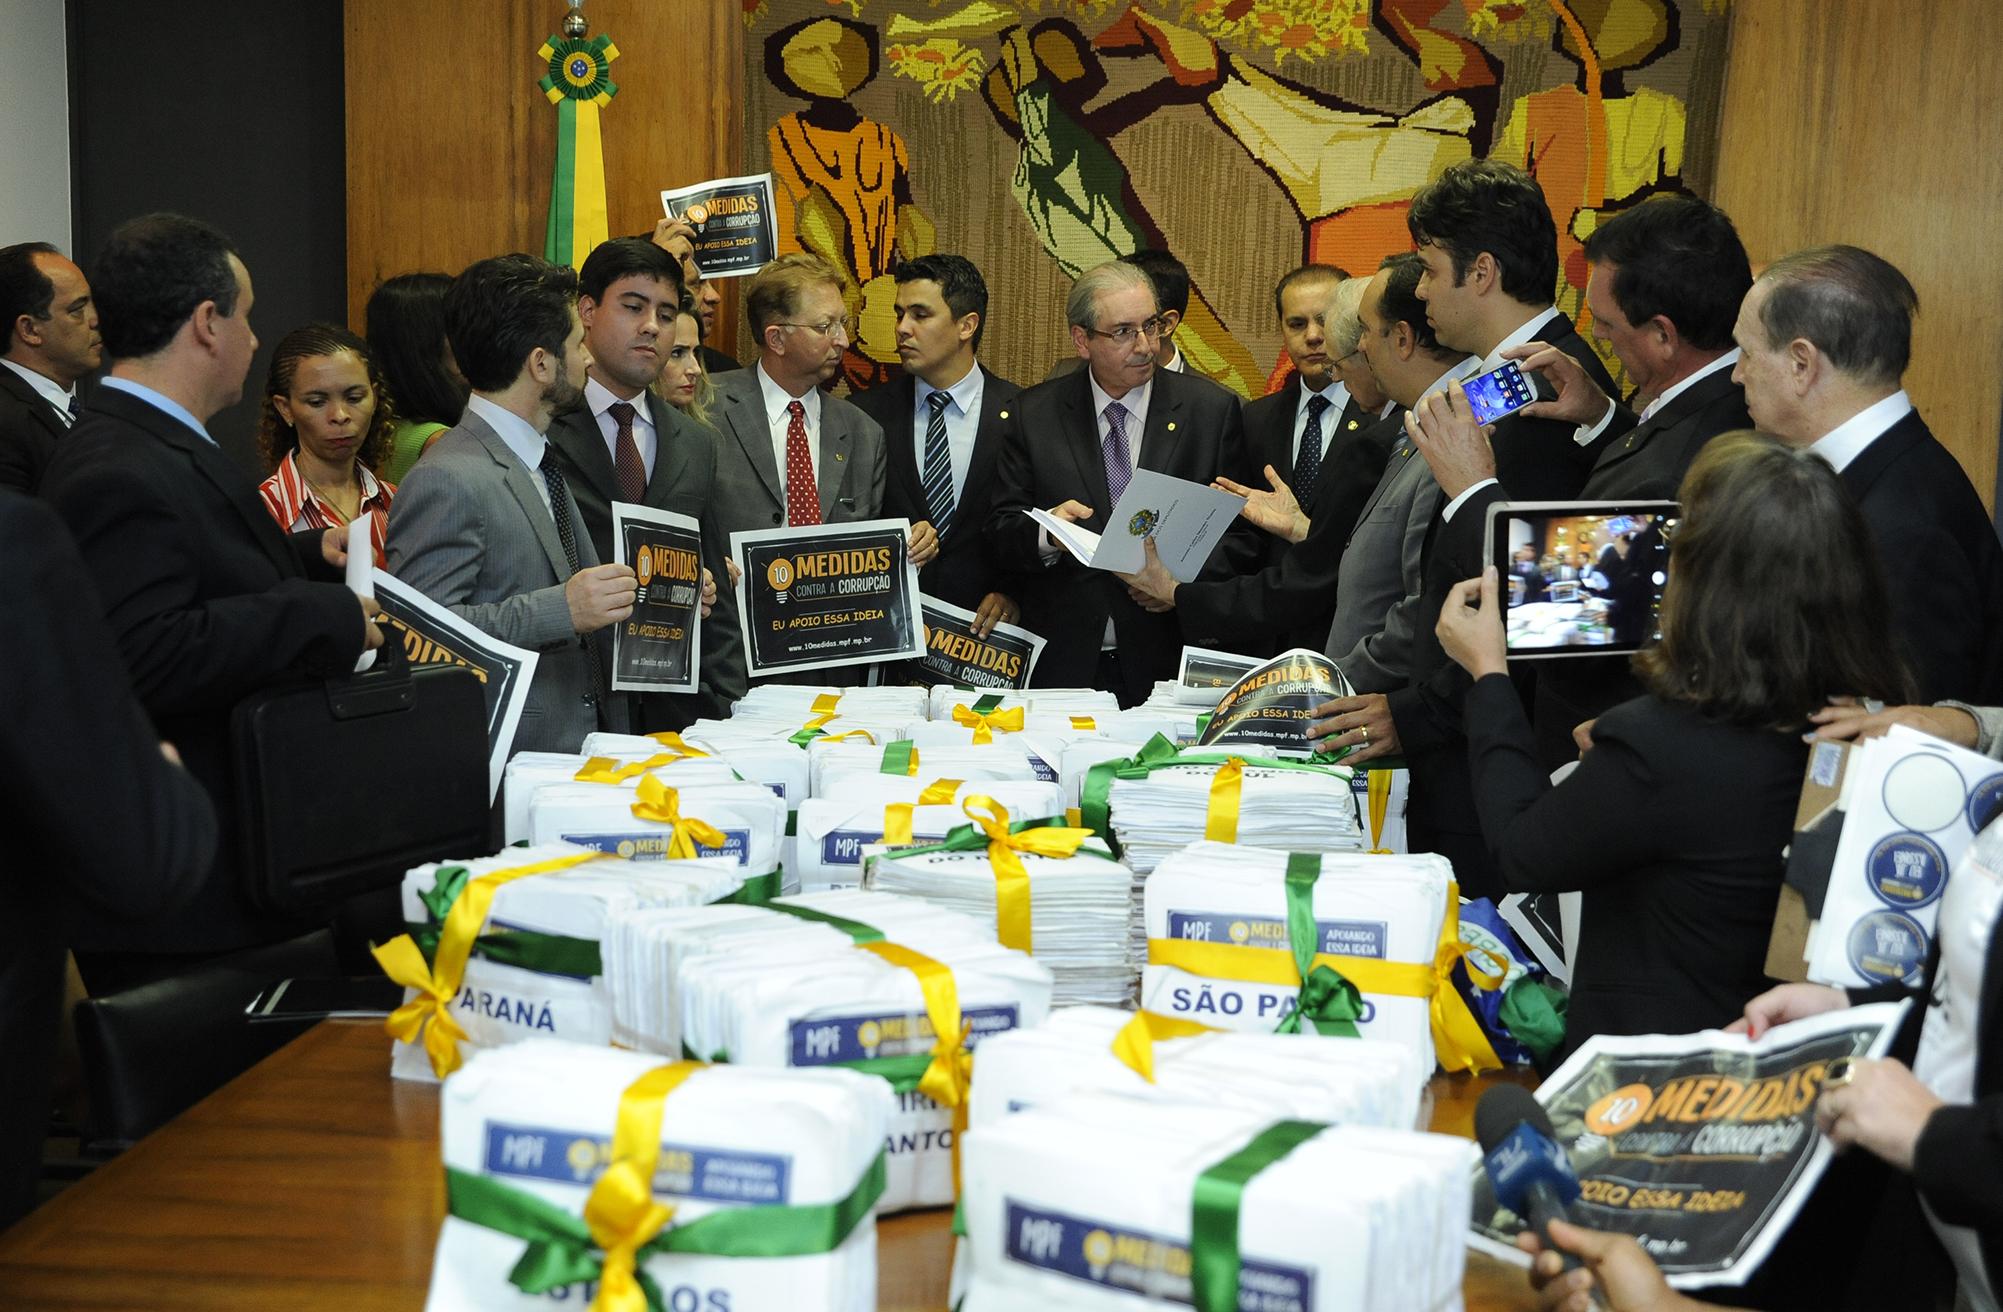 Entrega em ato solene, de representantes da sociedade civil, mais de 2 milhões de assinaturas colhidas em todo o Brasil pelo Ministério Público Federal (MPF) em apoio as 10 medidas de combate a corrupção